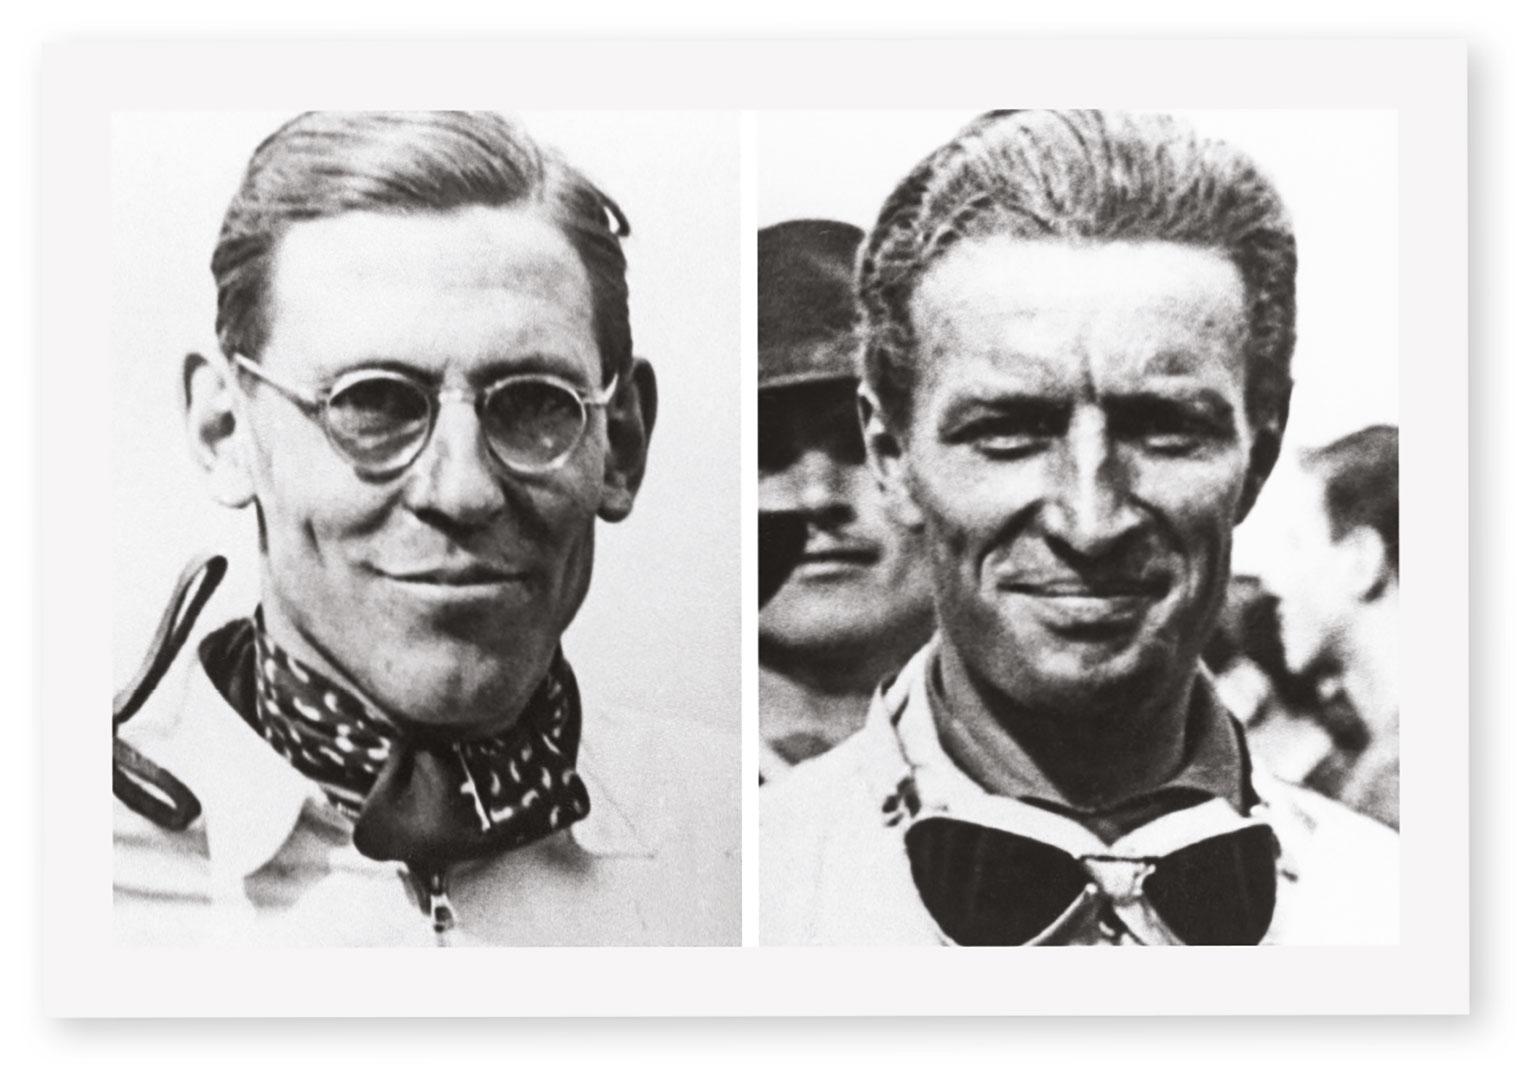 Hanstein, left, and Bäumer